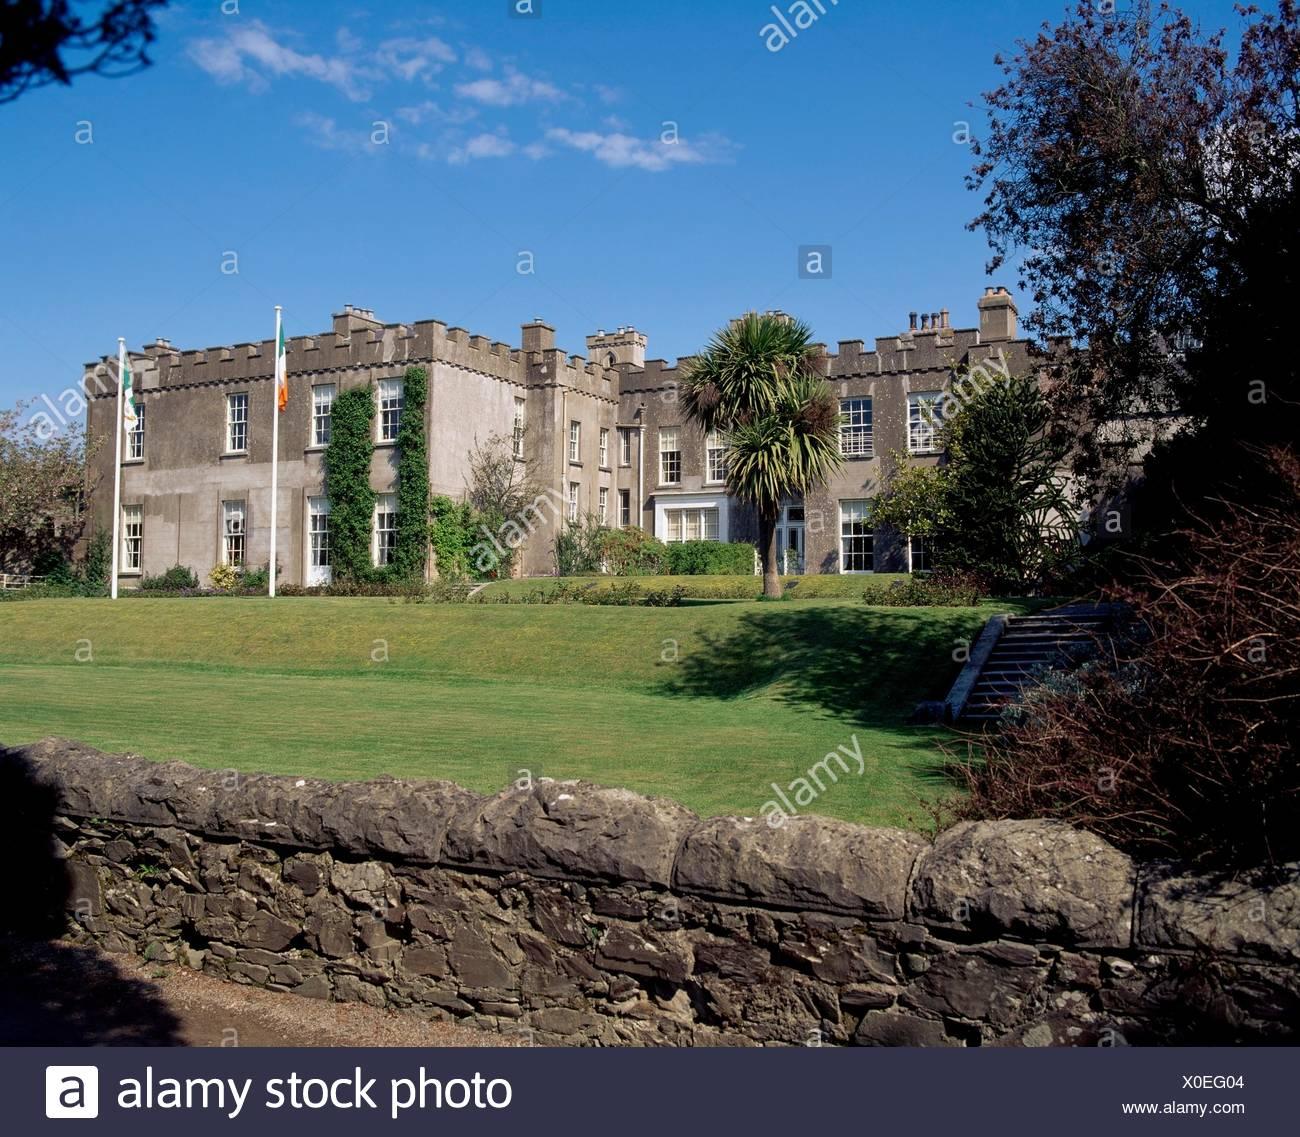 El castillo de Ardgillan, Dublín, Irlanda; castillo del siglo XVIII Foto de stock